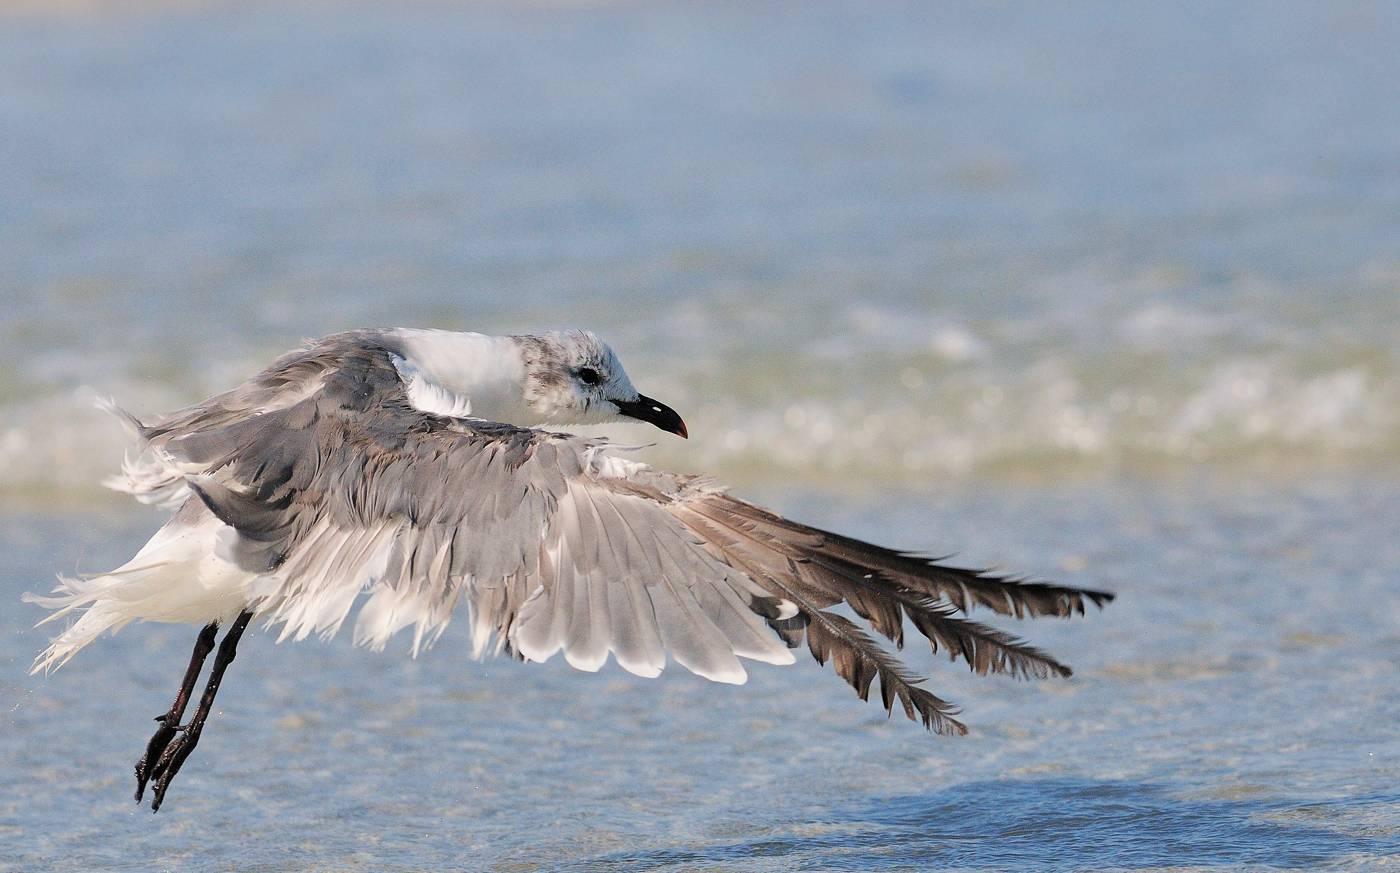 Sortie de bain - Wet gull